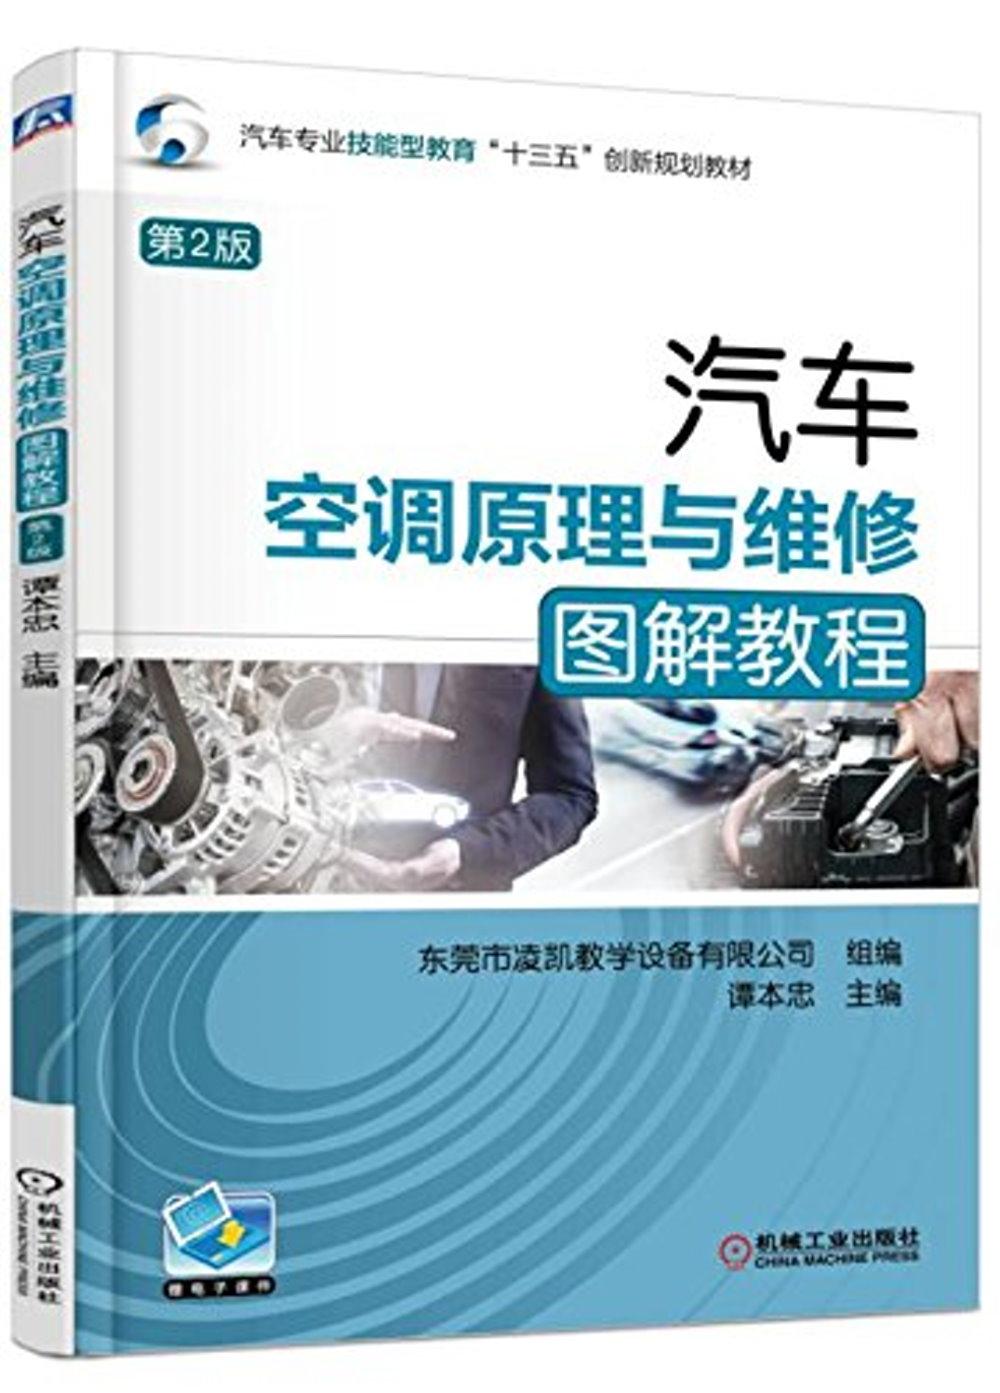 汽車空調原理與維修圖解教程(第2版)